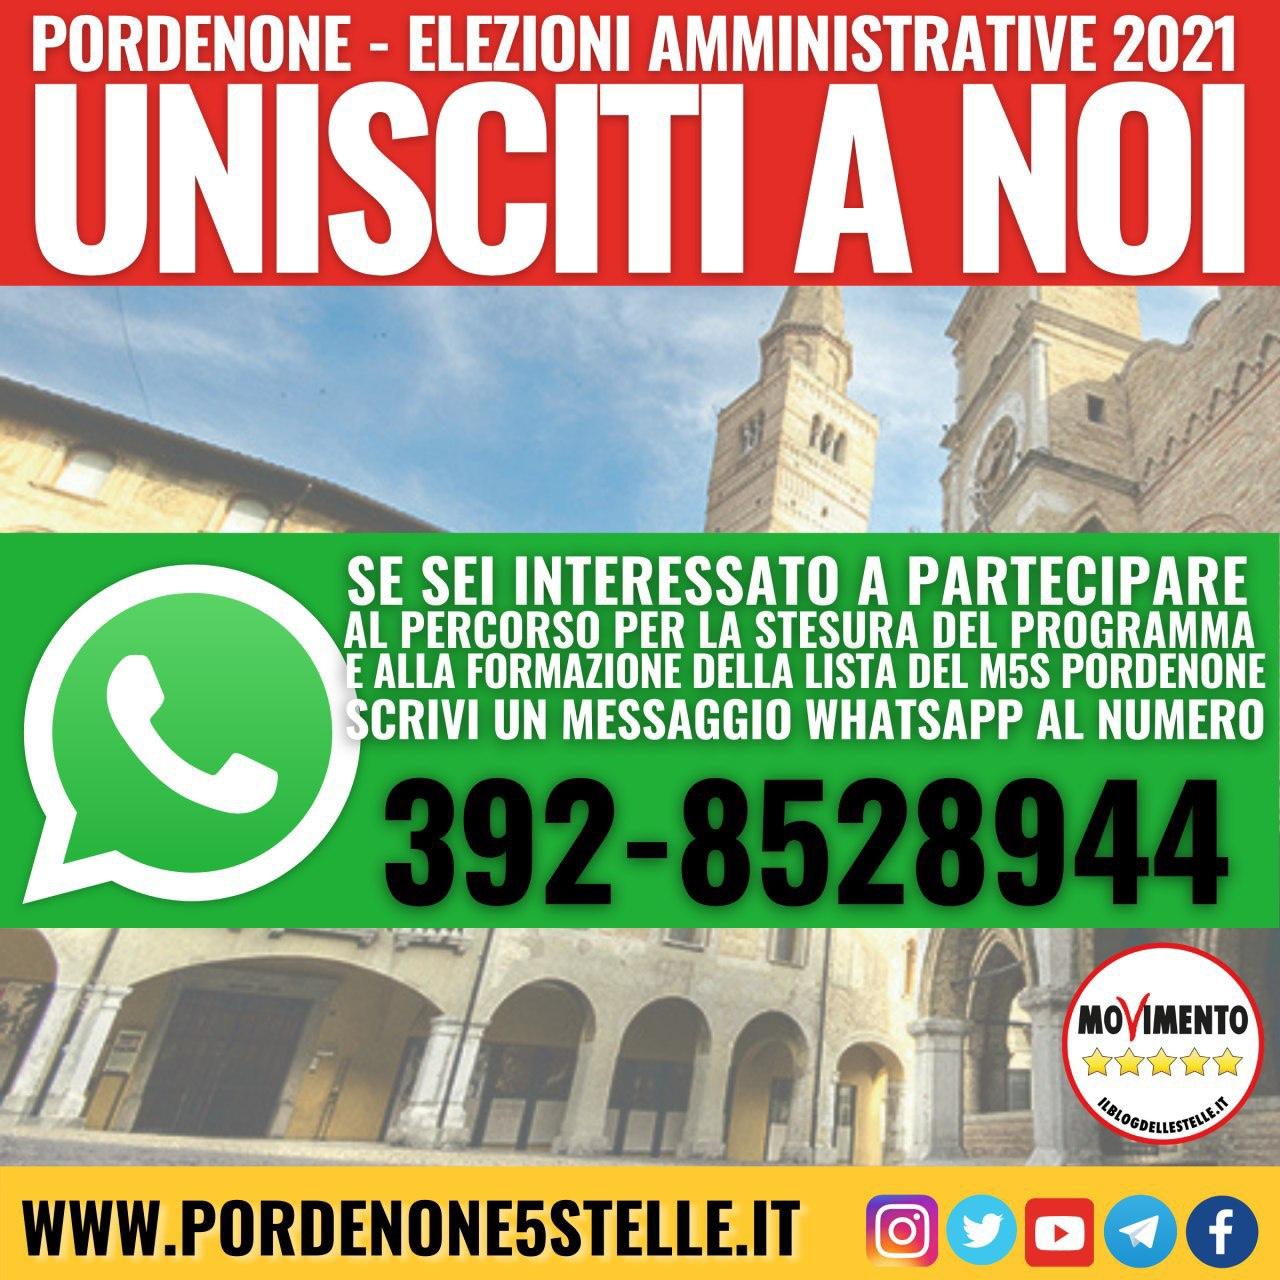 Elezioni amministrative 2021 UNISCITI A NOI!